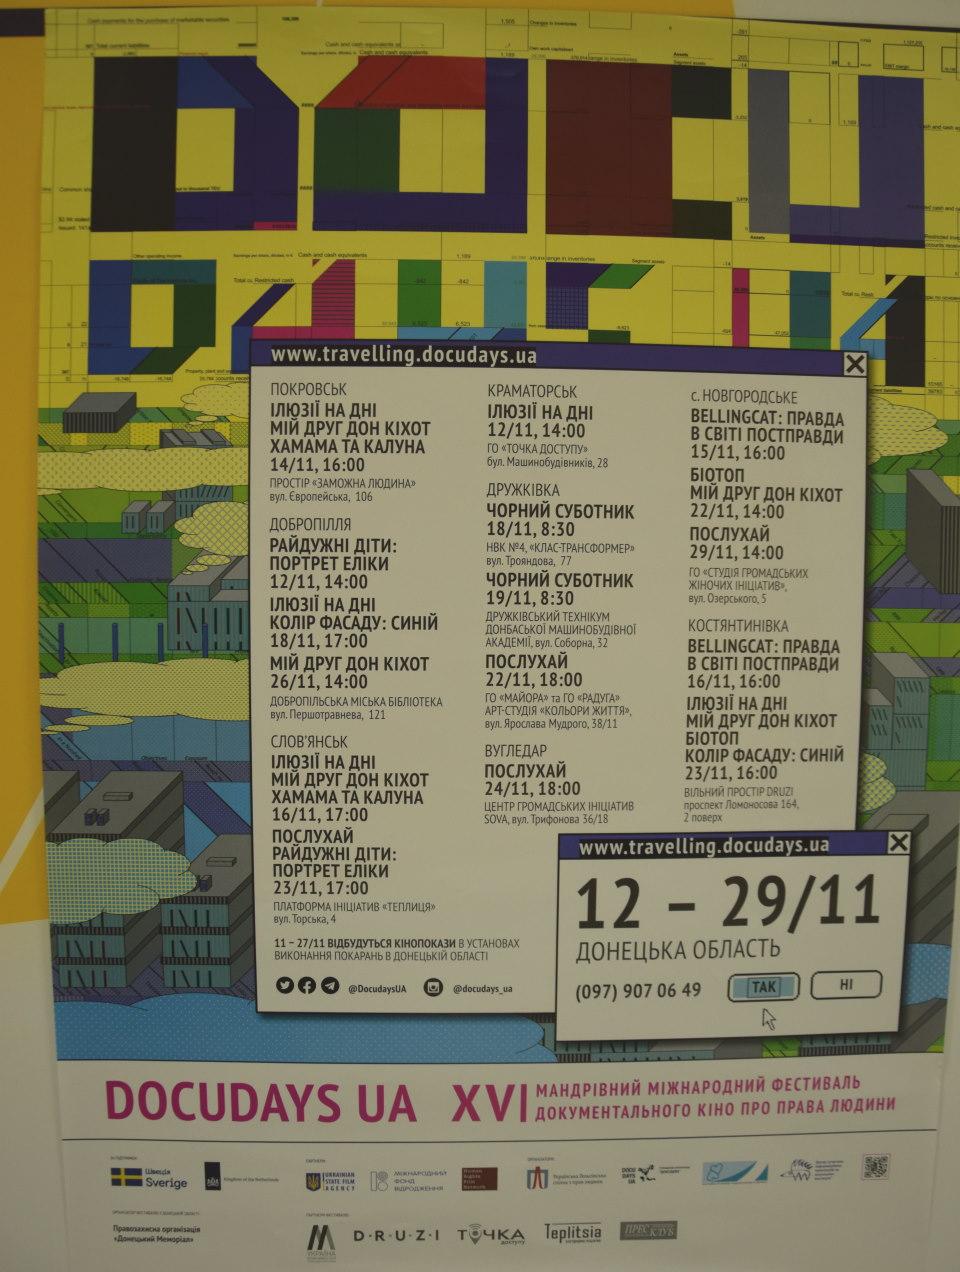 На Донеччині стартував XVI Мандрівний міжнародний фестиваль документального кіно про права людини Docudays UA - Фото №1